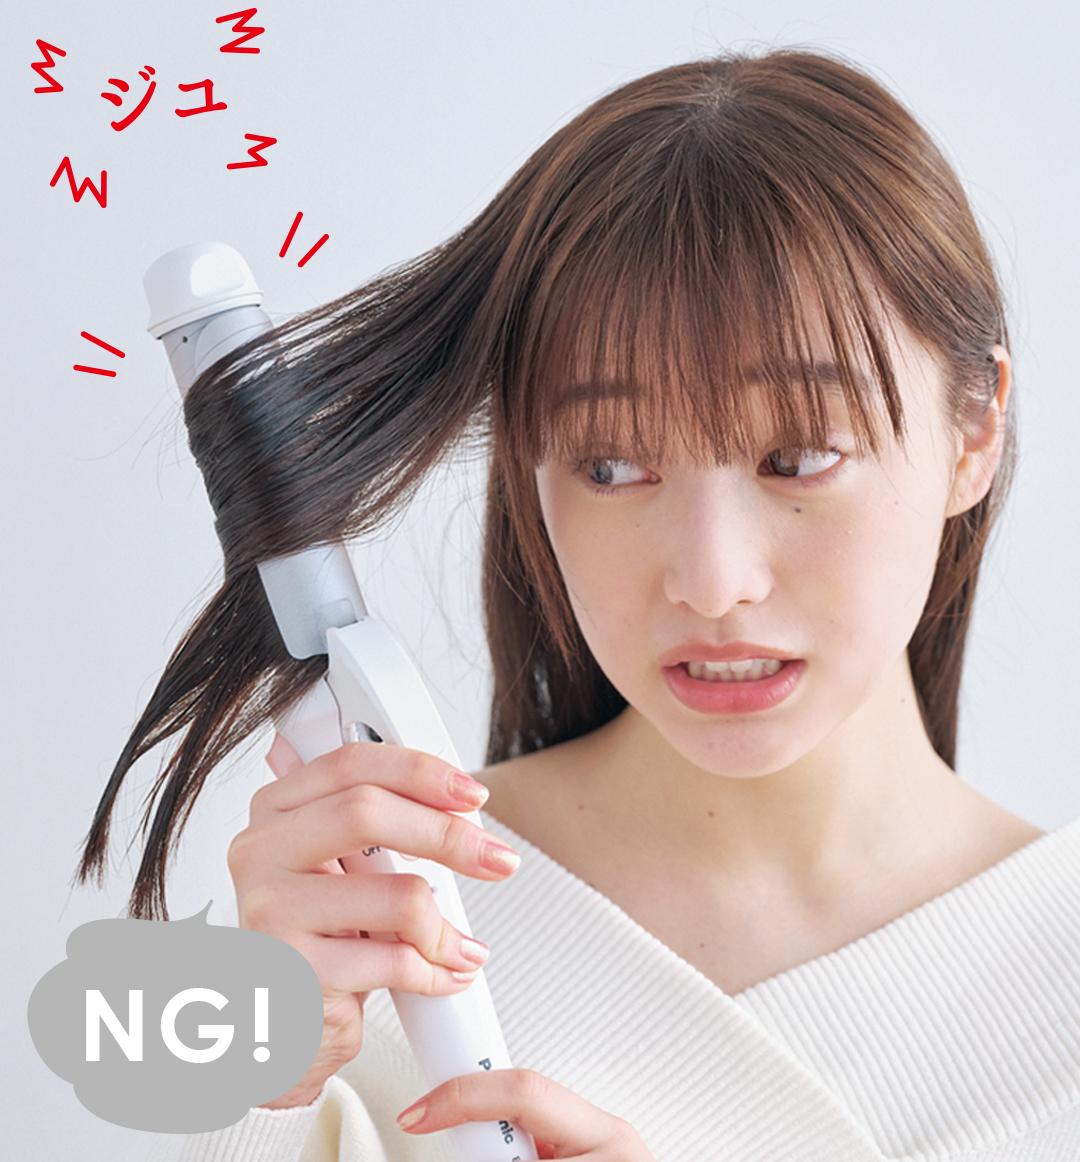 """<p><span style=""""font-size: 18px""""><strong>ぬれてる時に巻いたらダメ</strong></span></p> <p><span style=""""font-size: 16px;"""">髪がぬれていたり、湿っている状態で巻き始めると、髪の水分が蒸発し、ハイダメージになる原因に! 巻き髪は完全にドライな状態で。</span></p>"""